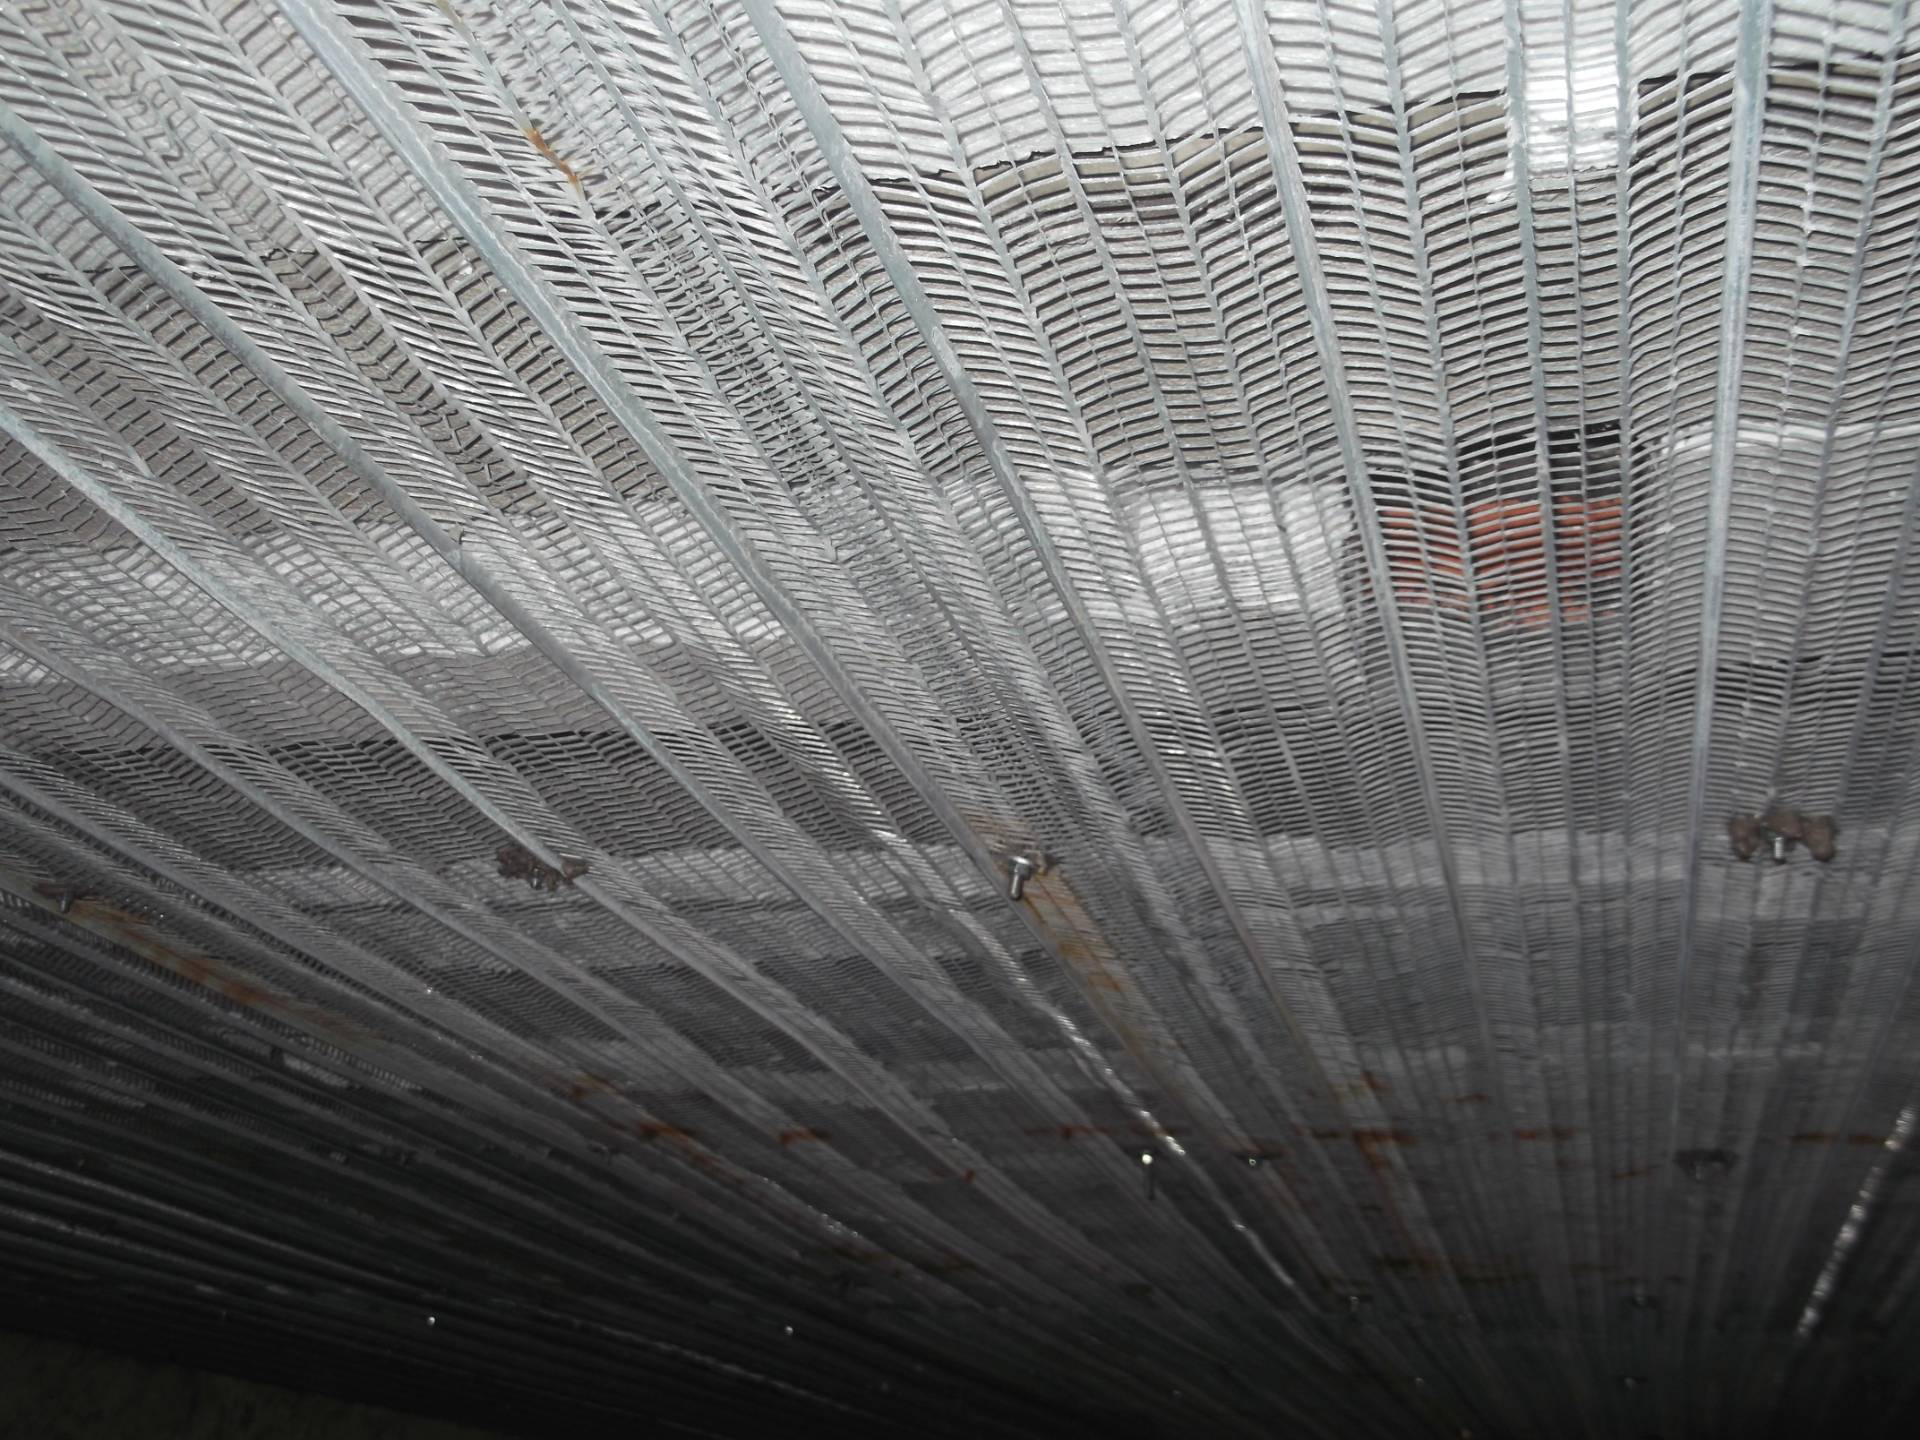 Ricostruzione solaio sfondellato con posa di rete nervometal fissata ai travetti - ITON SRL